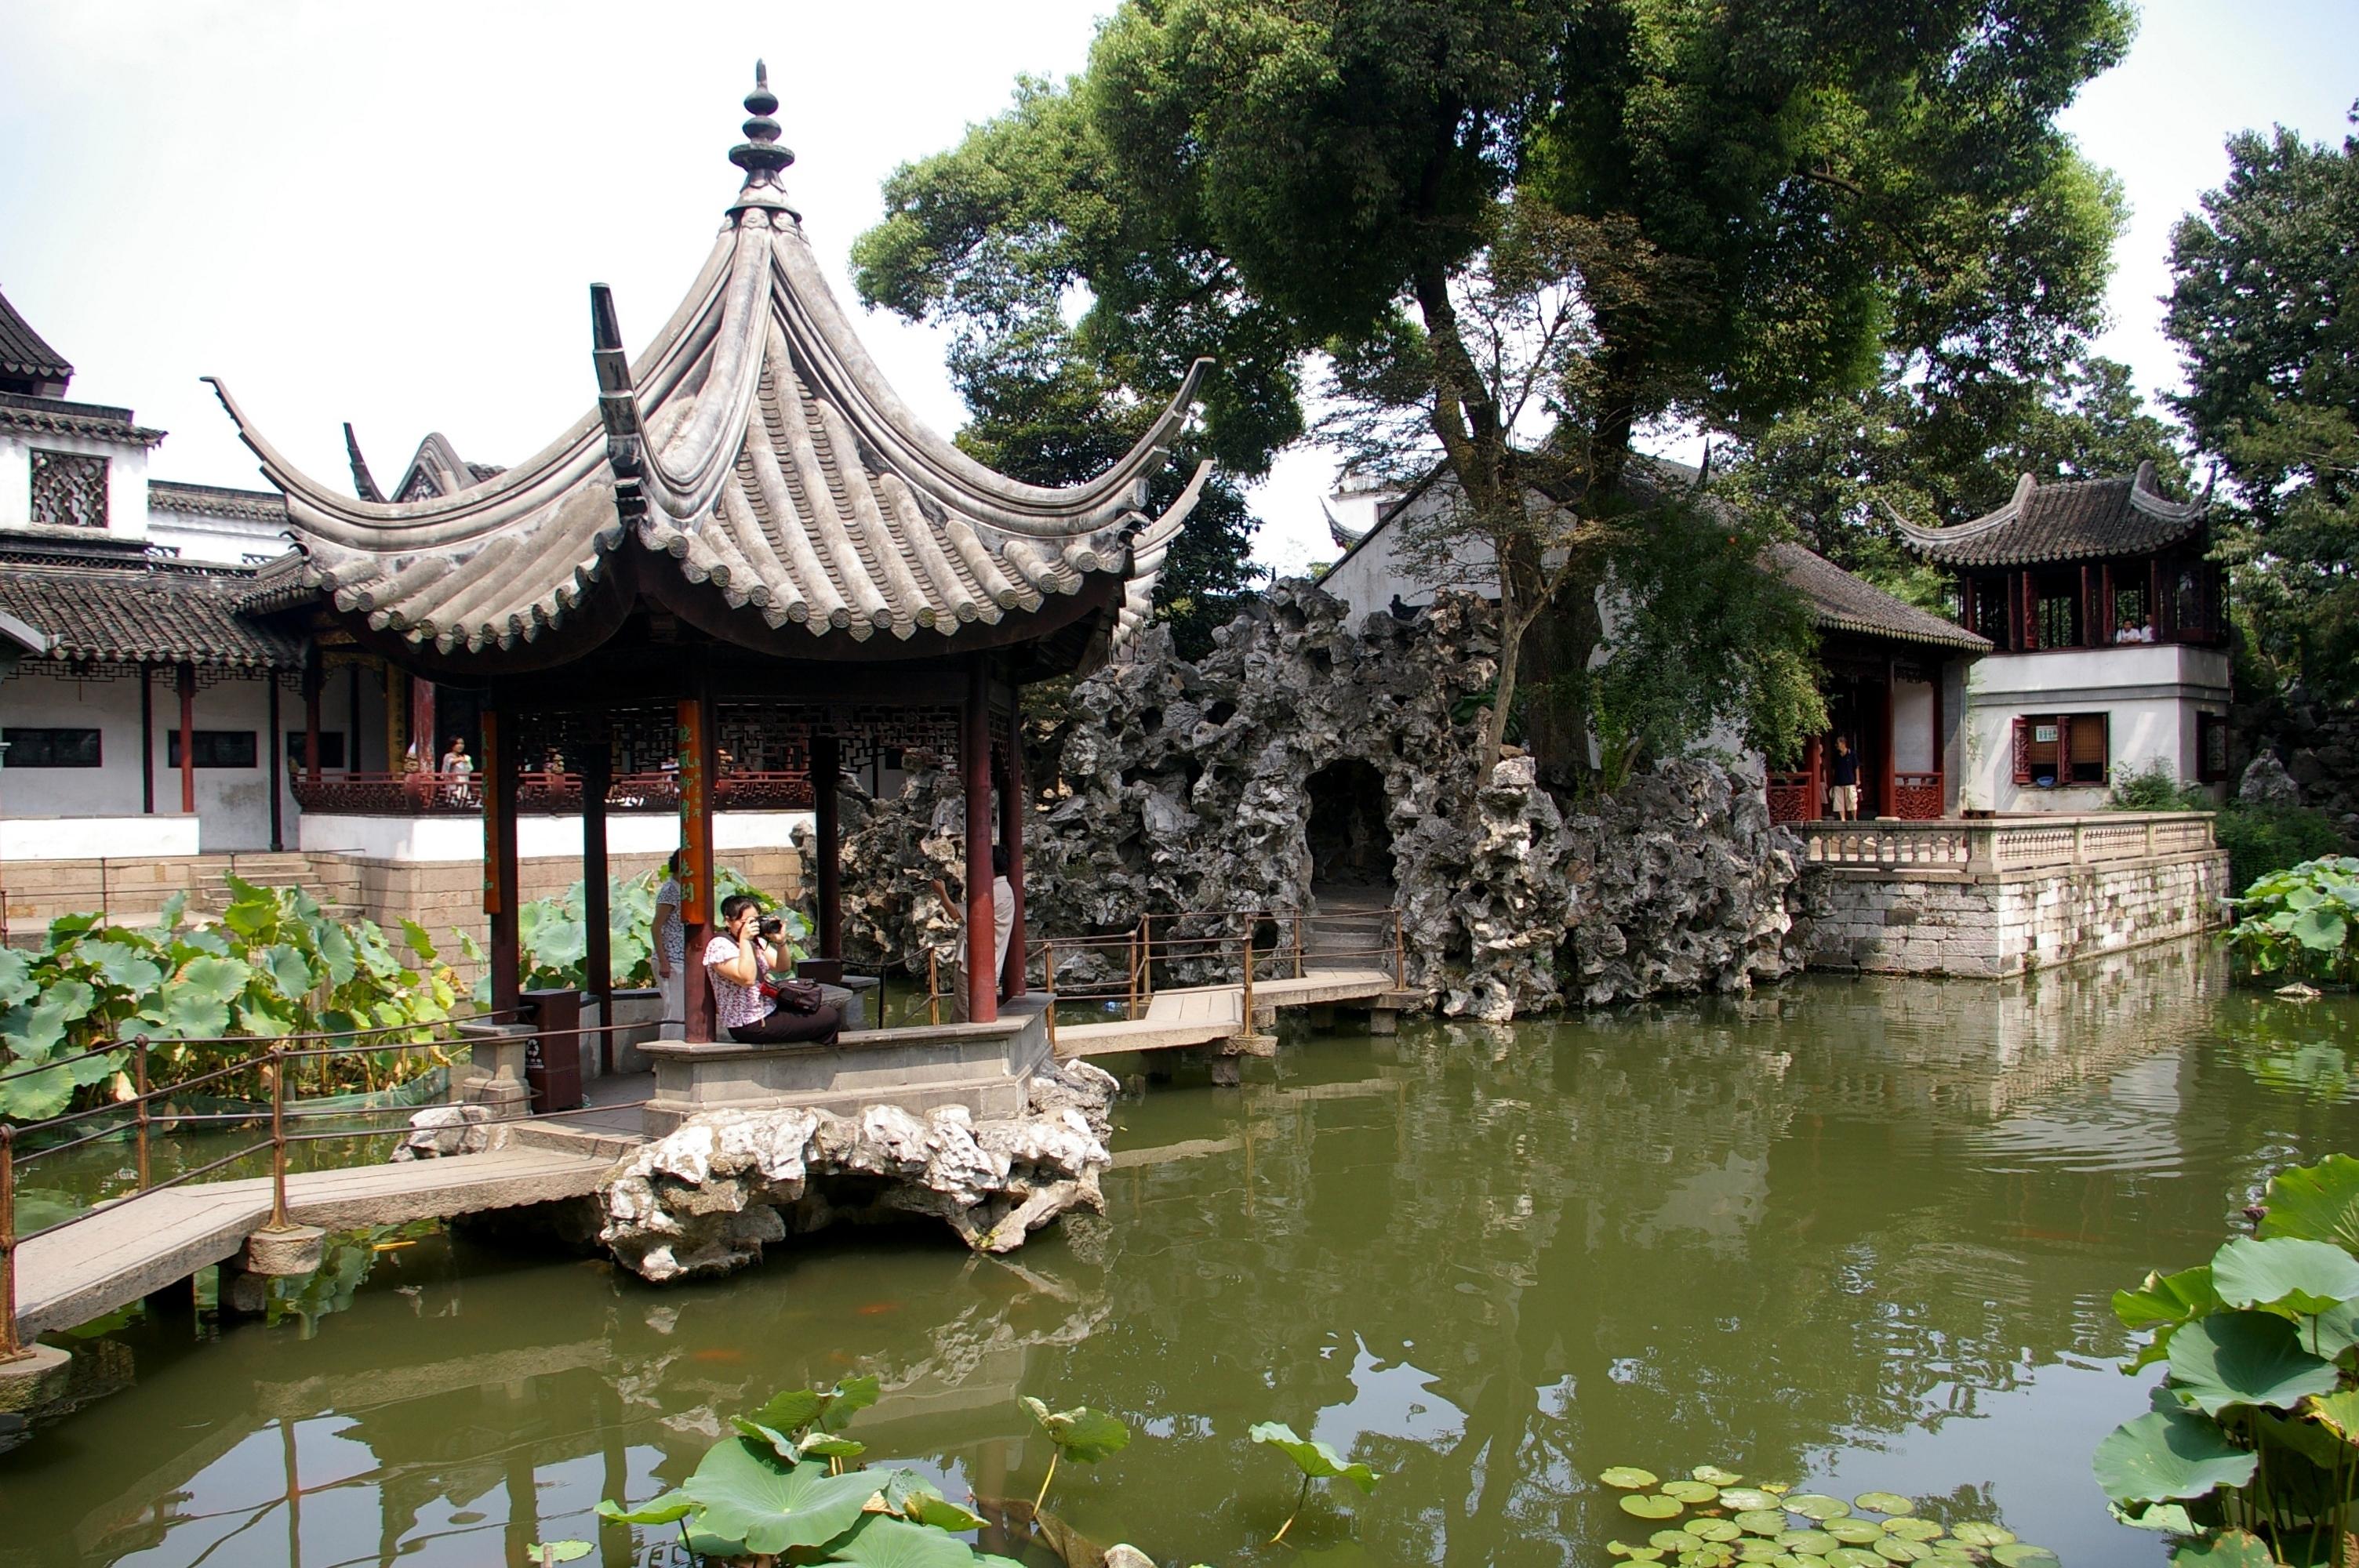 Los jardines más bellos del mundo Suzhou